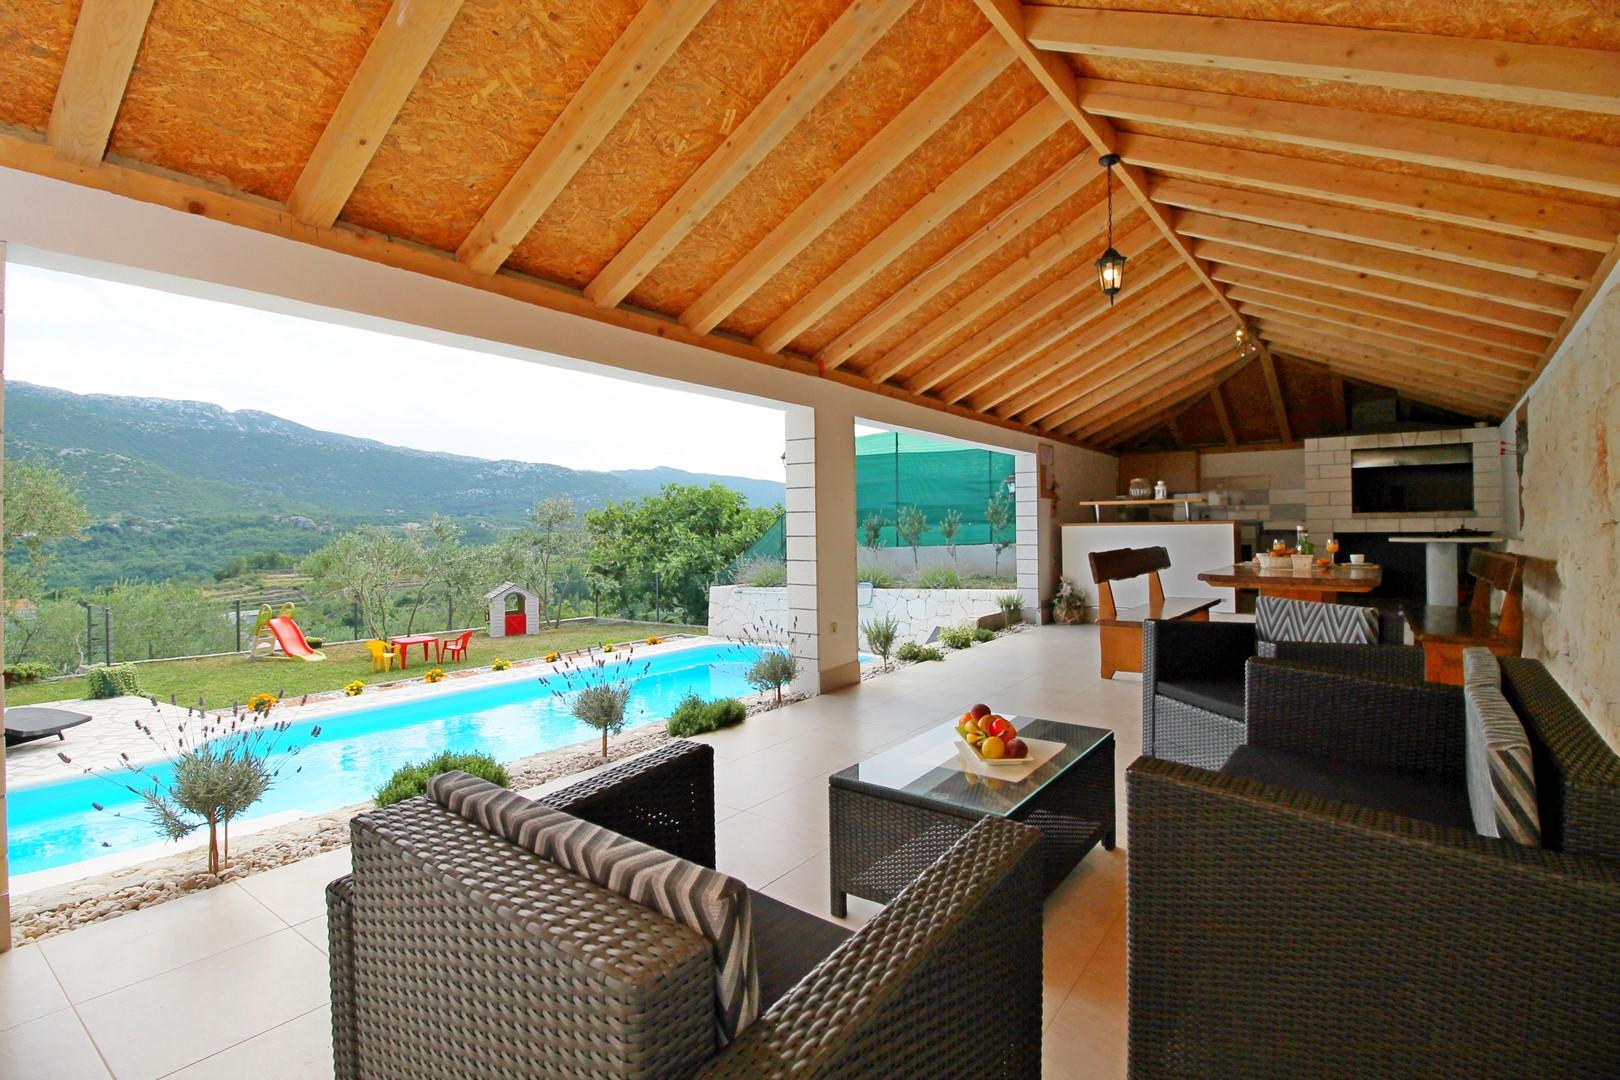 Ferienhaus Privater Pool 3,5 x 8,6 m, überdachter Essbereich im Freien, kostenloses WLAN, voll - klim (2663850), Kostanje, , Dalmatien, Kroatien, Bild 6